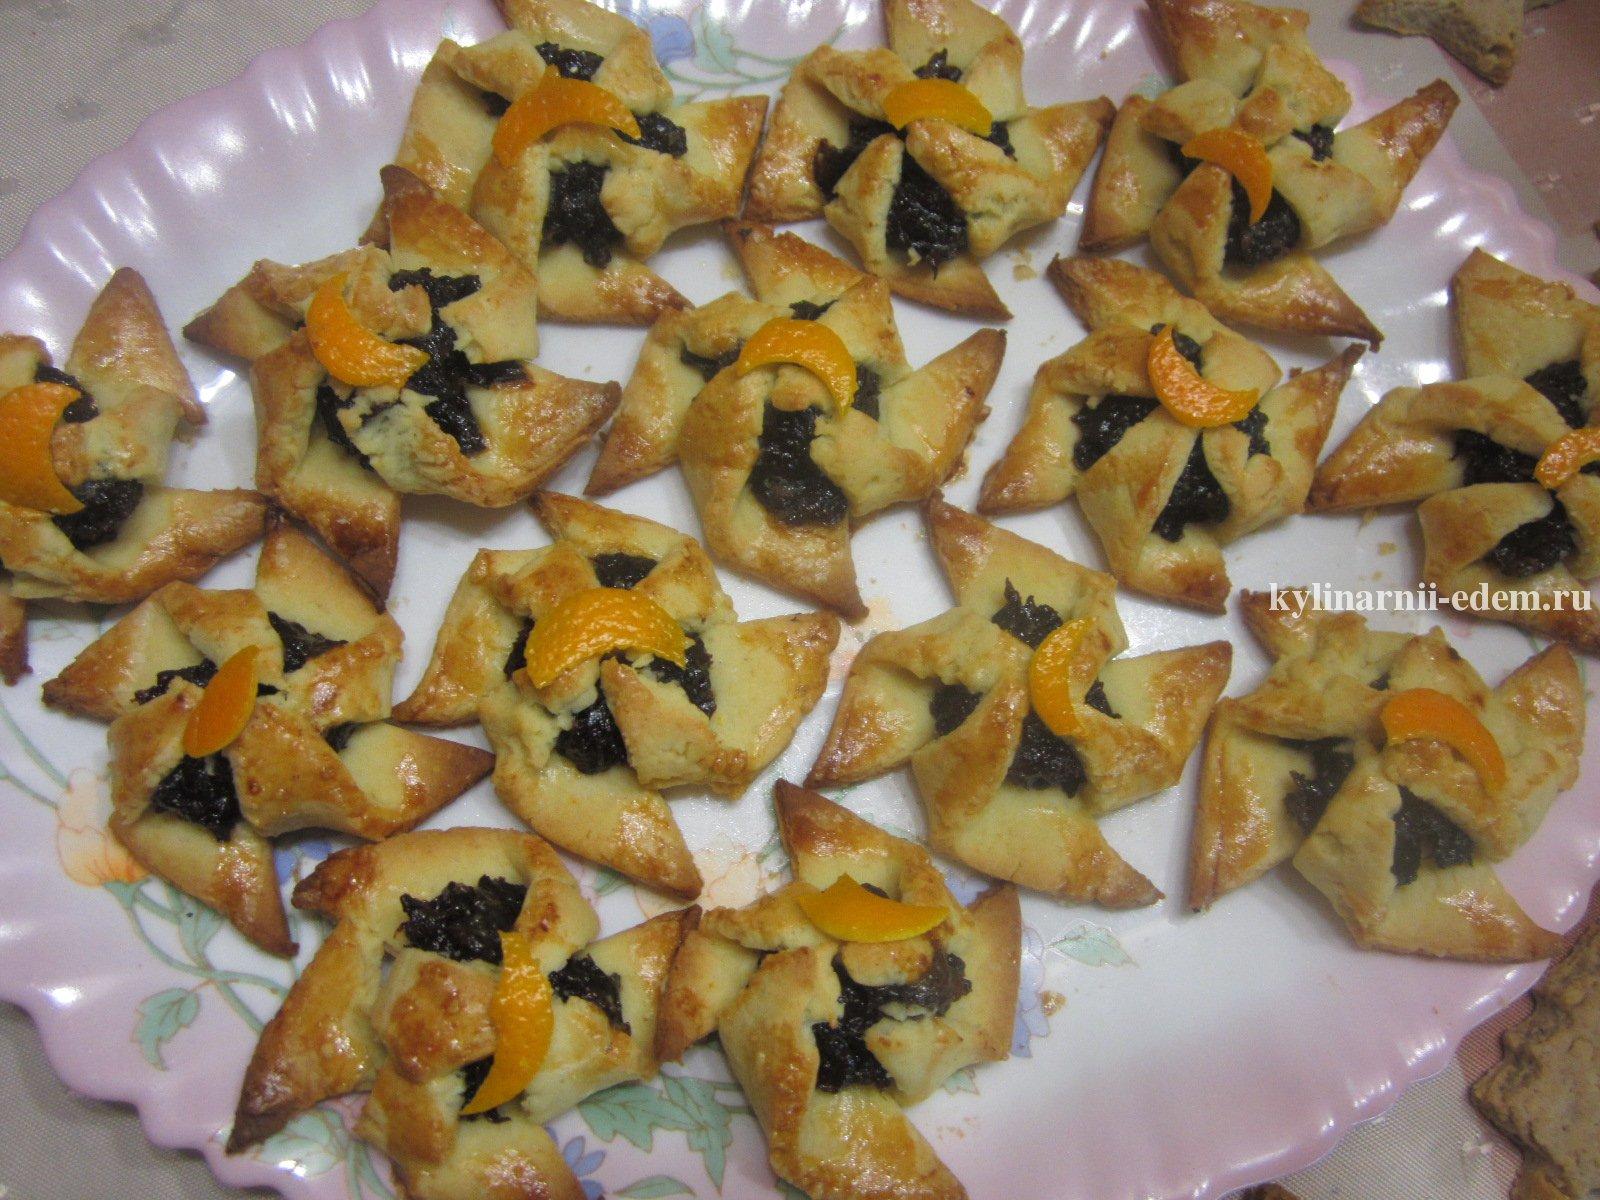 Рецепт печенья которое хранится долго